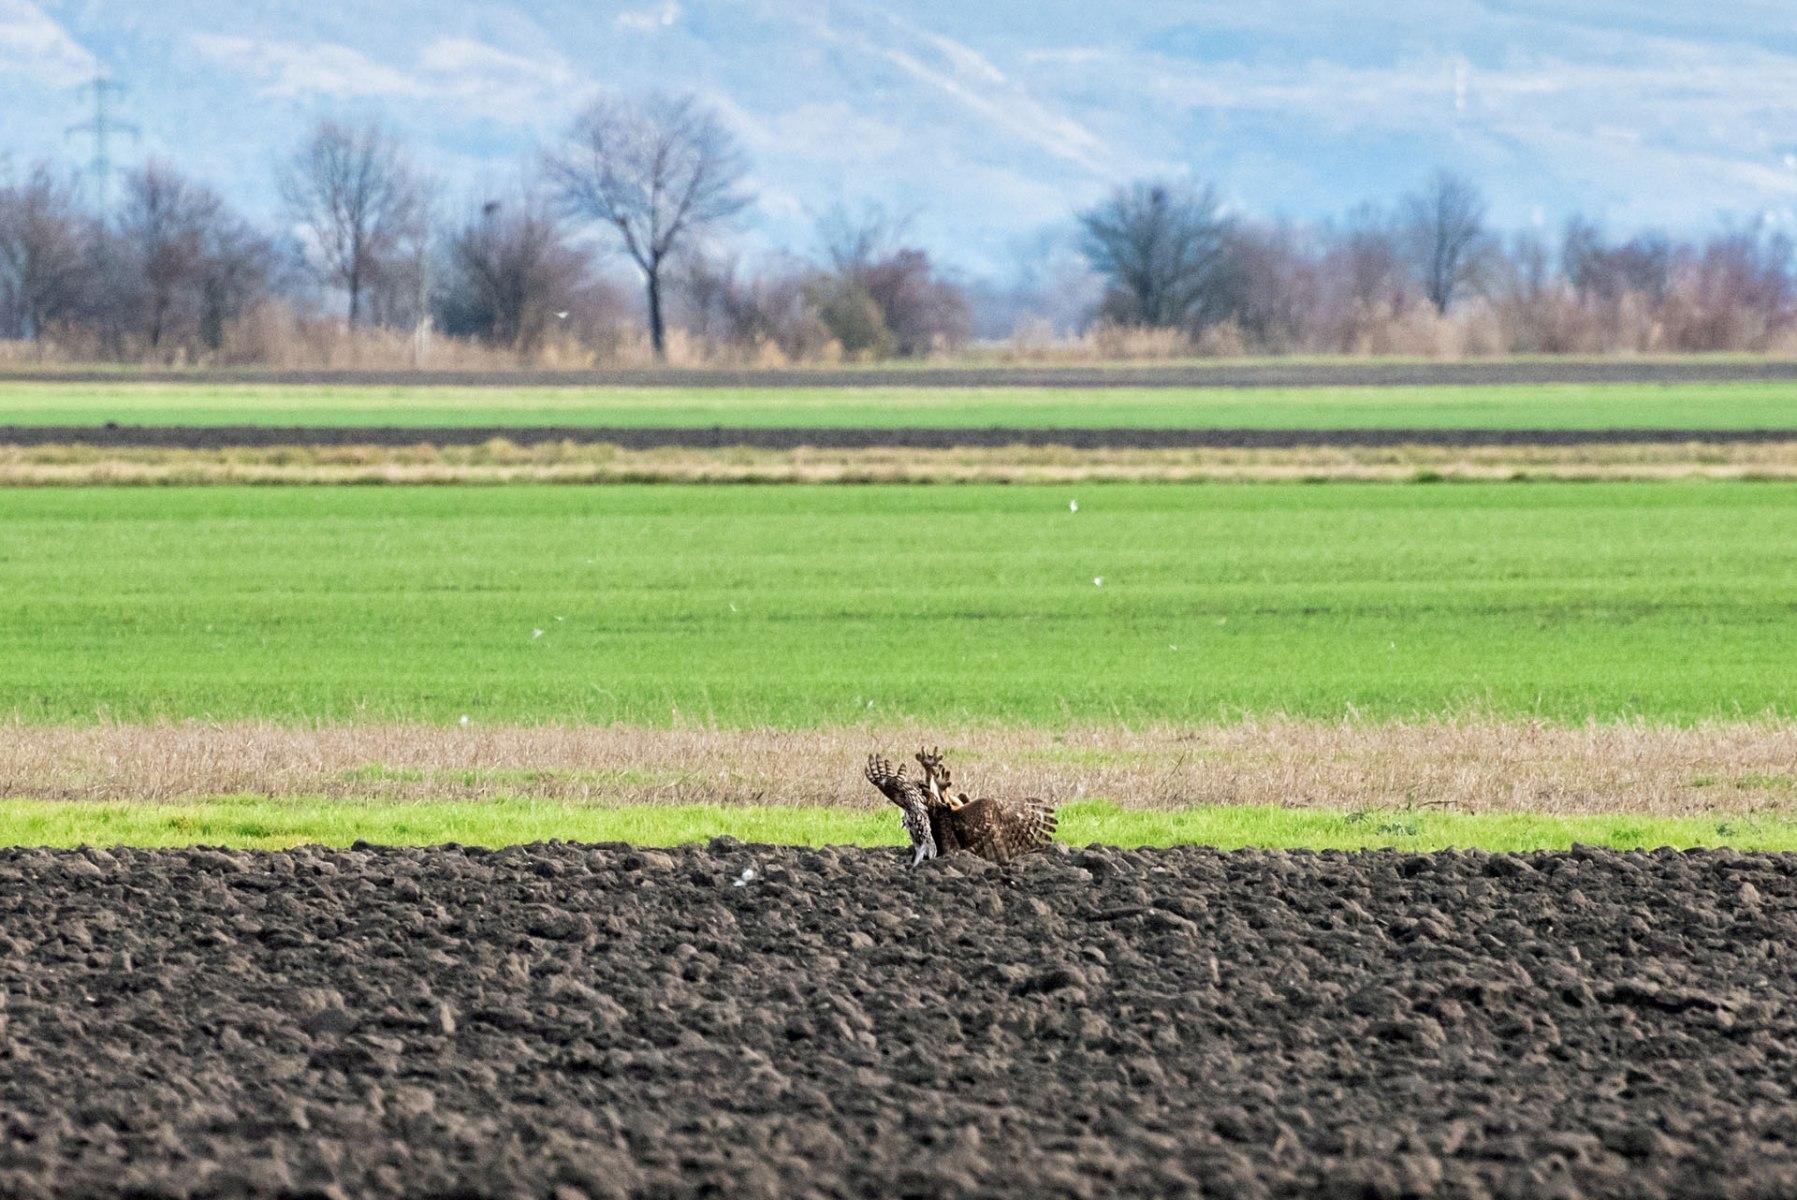 Der Hase tritt gegen den Rothabicht